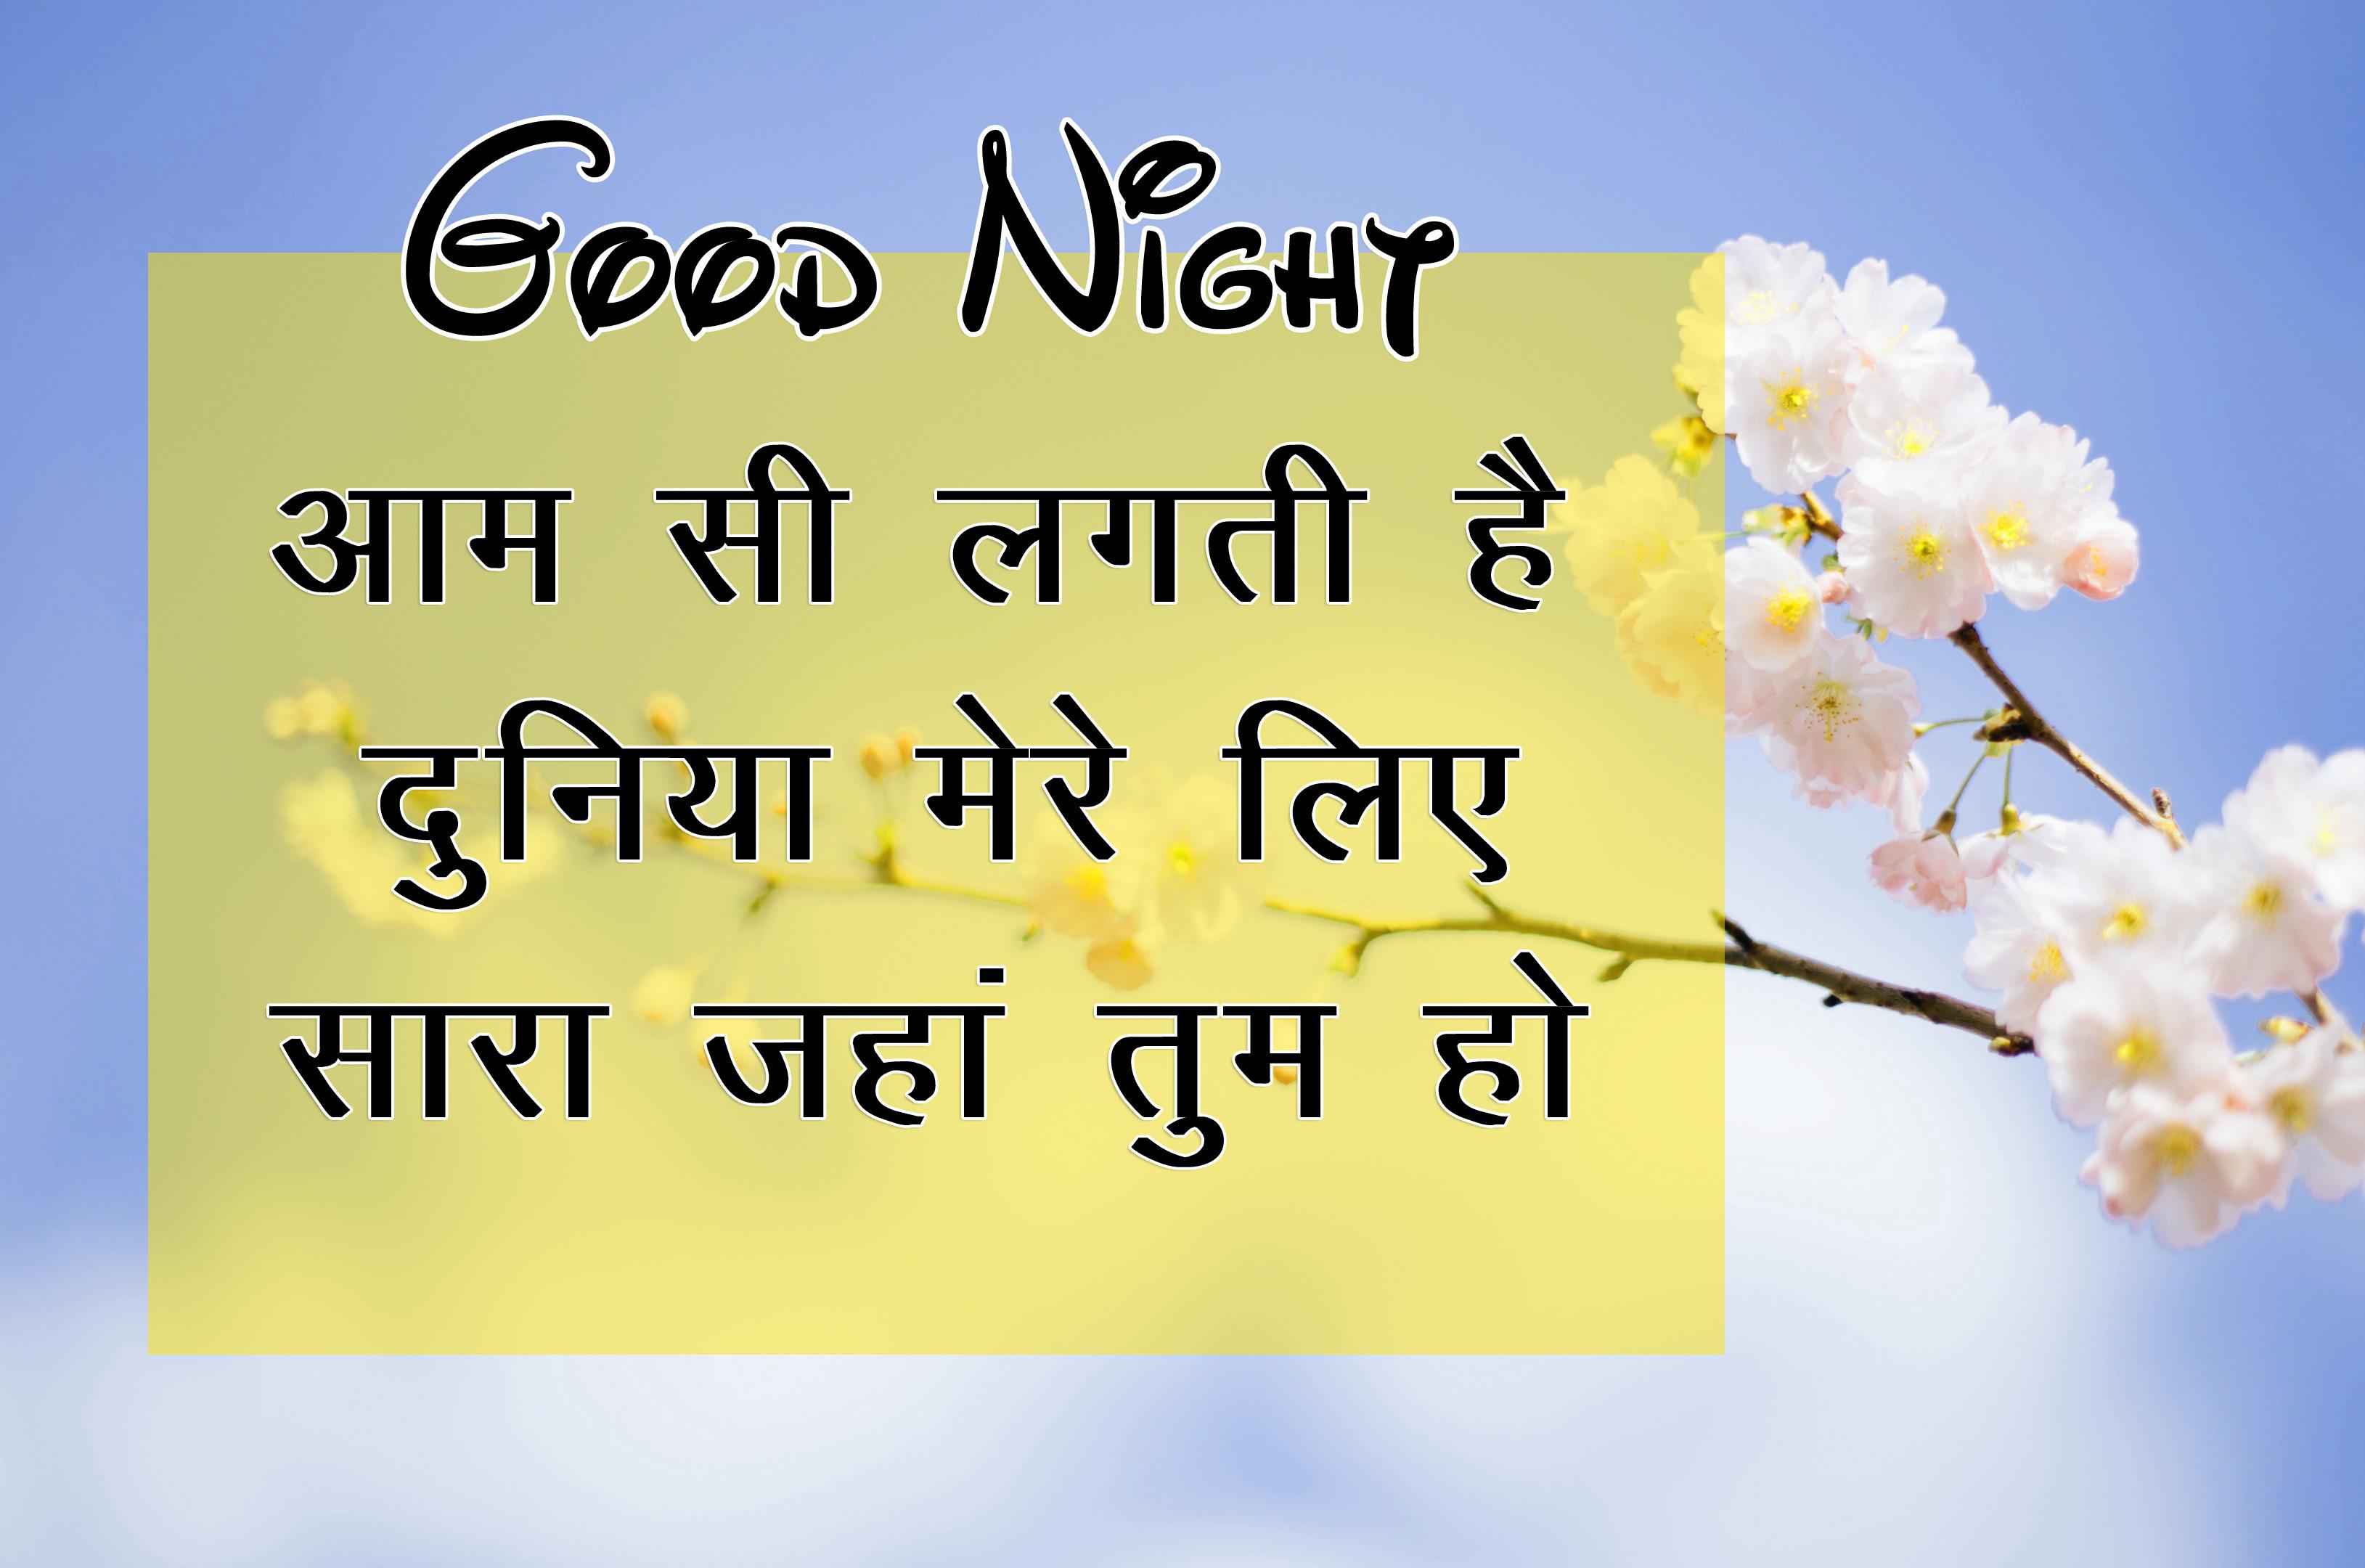 Drear Friend Good Night Pics Download Free Download